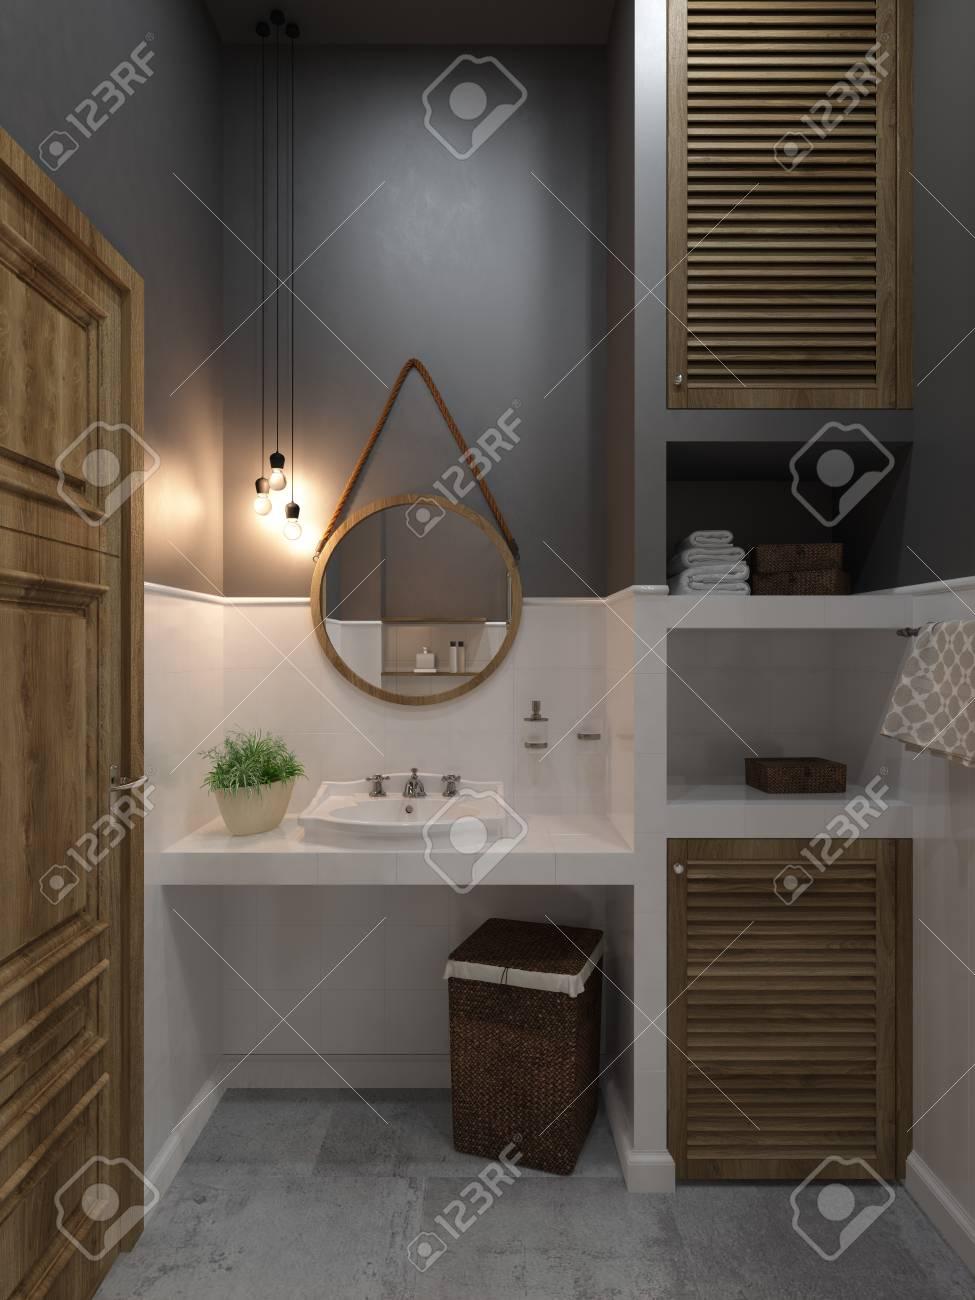 Badezimmer Modernen Stil. Compromising Mit Holz Und Beton, Perfekt ...